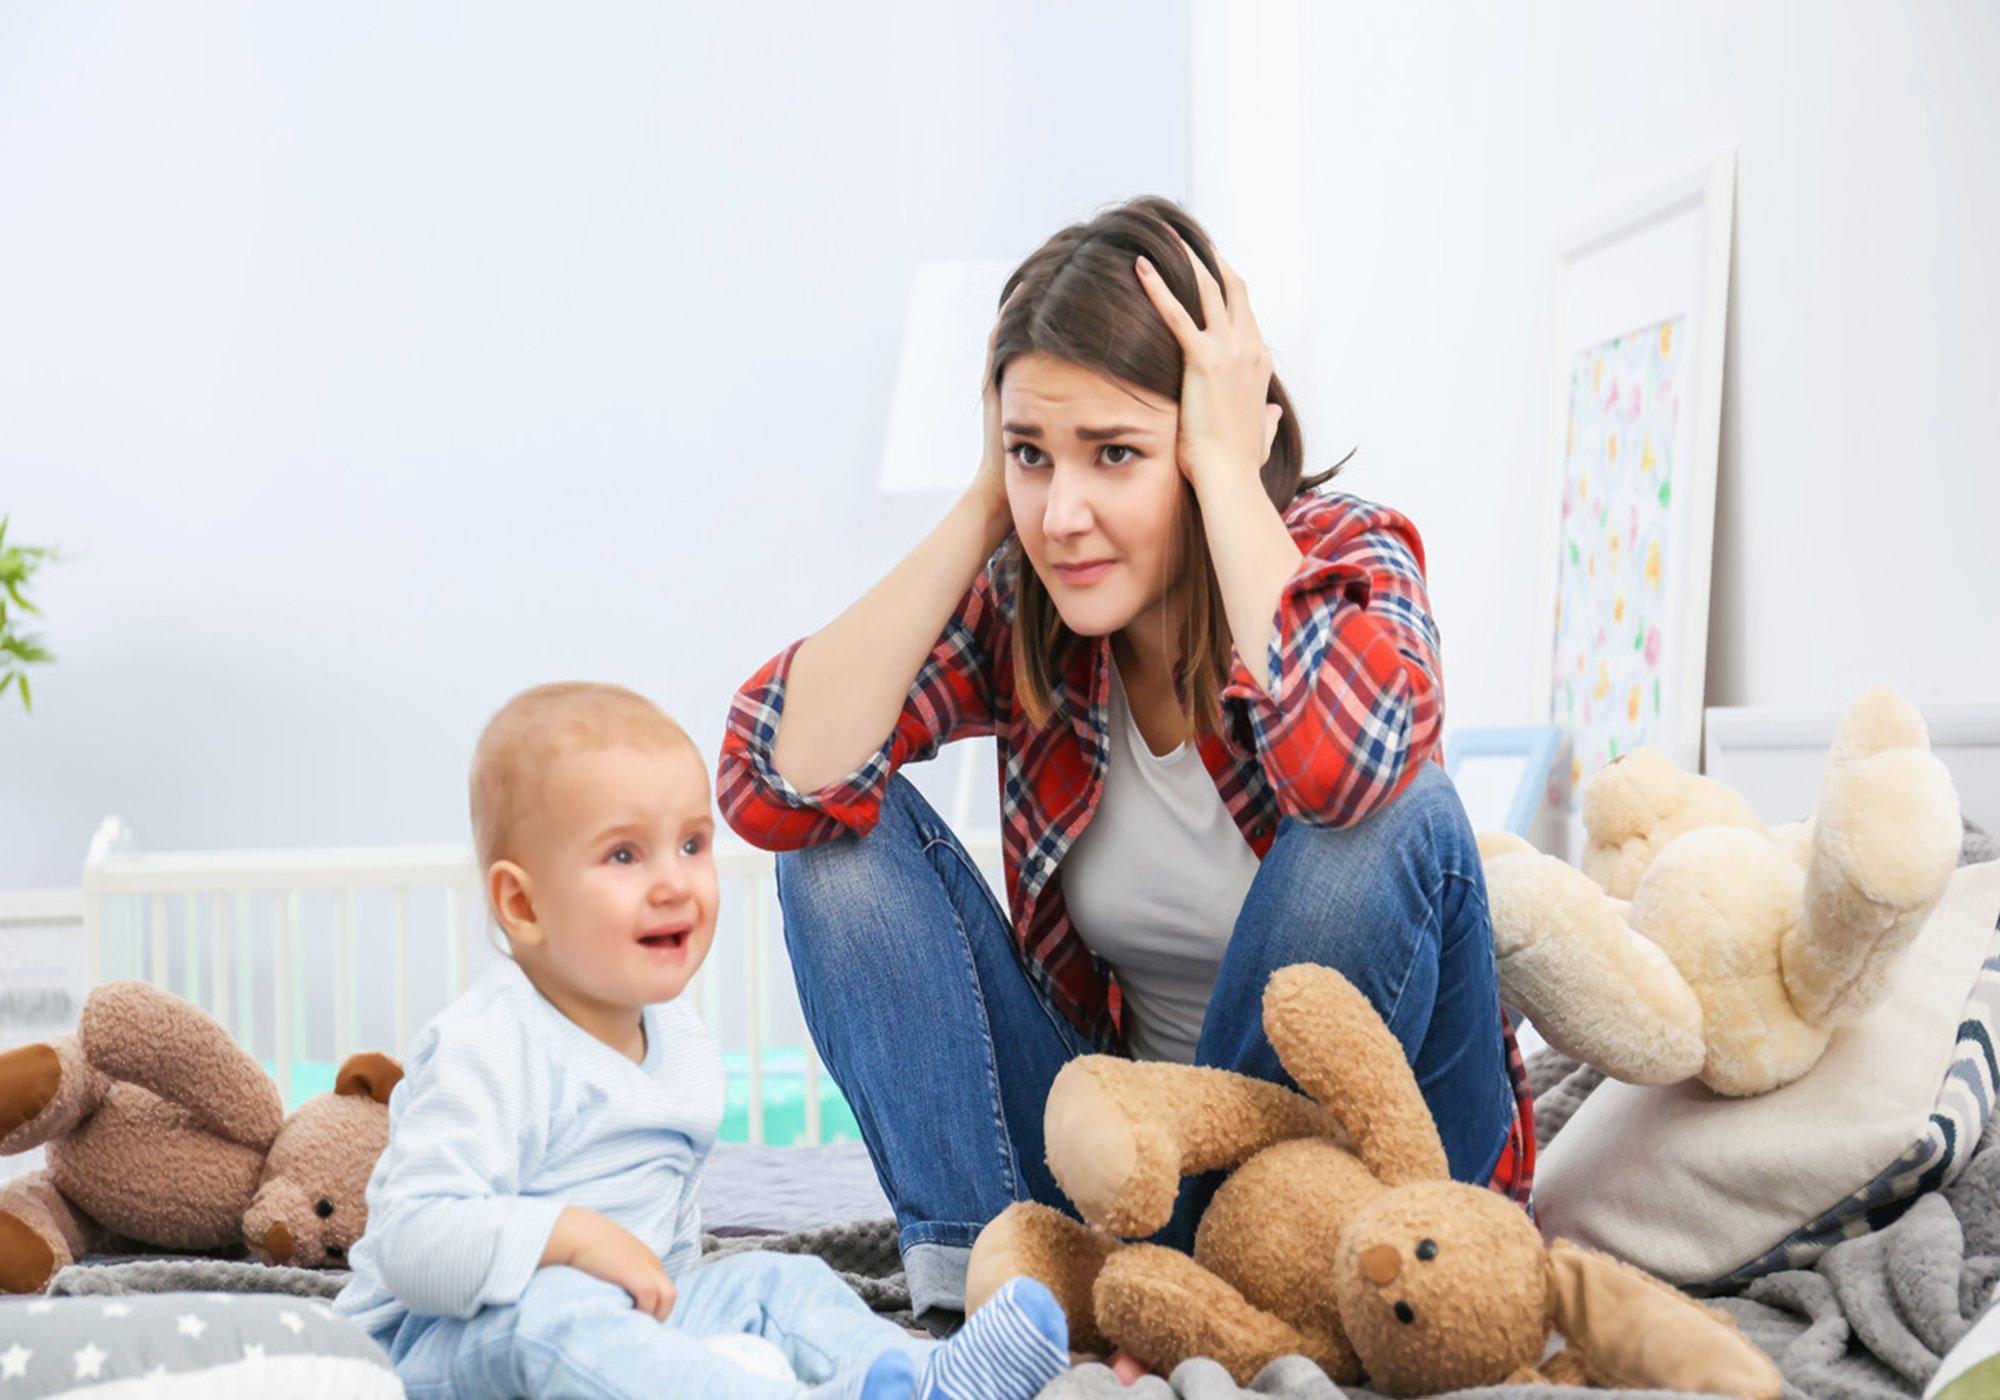 """别轻易得罪产后妈妈,抑郁时记下的仇,别指望""""讨好""""轻易抹去"""